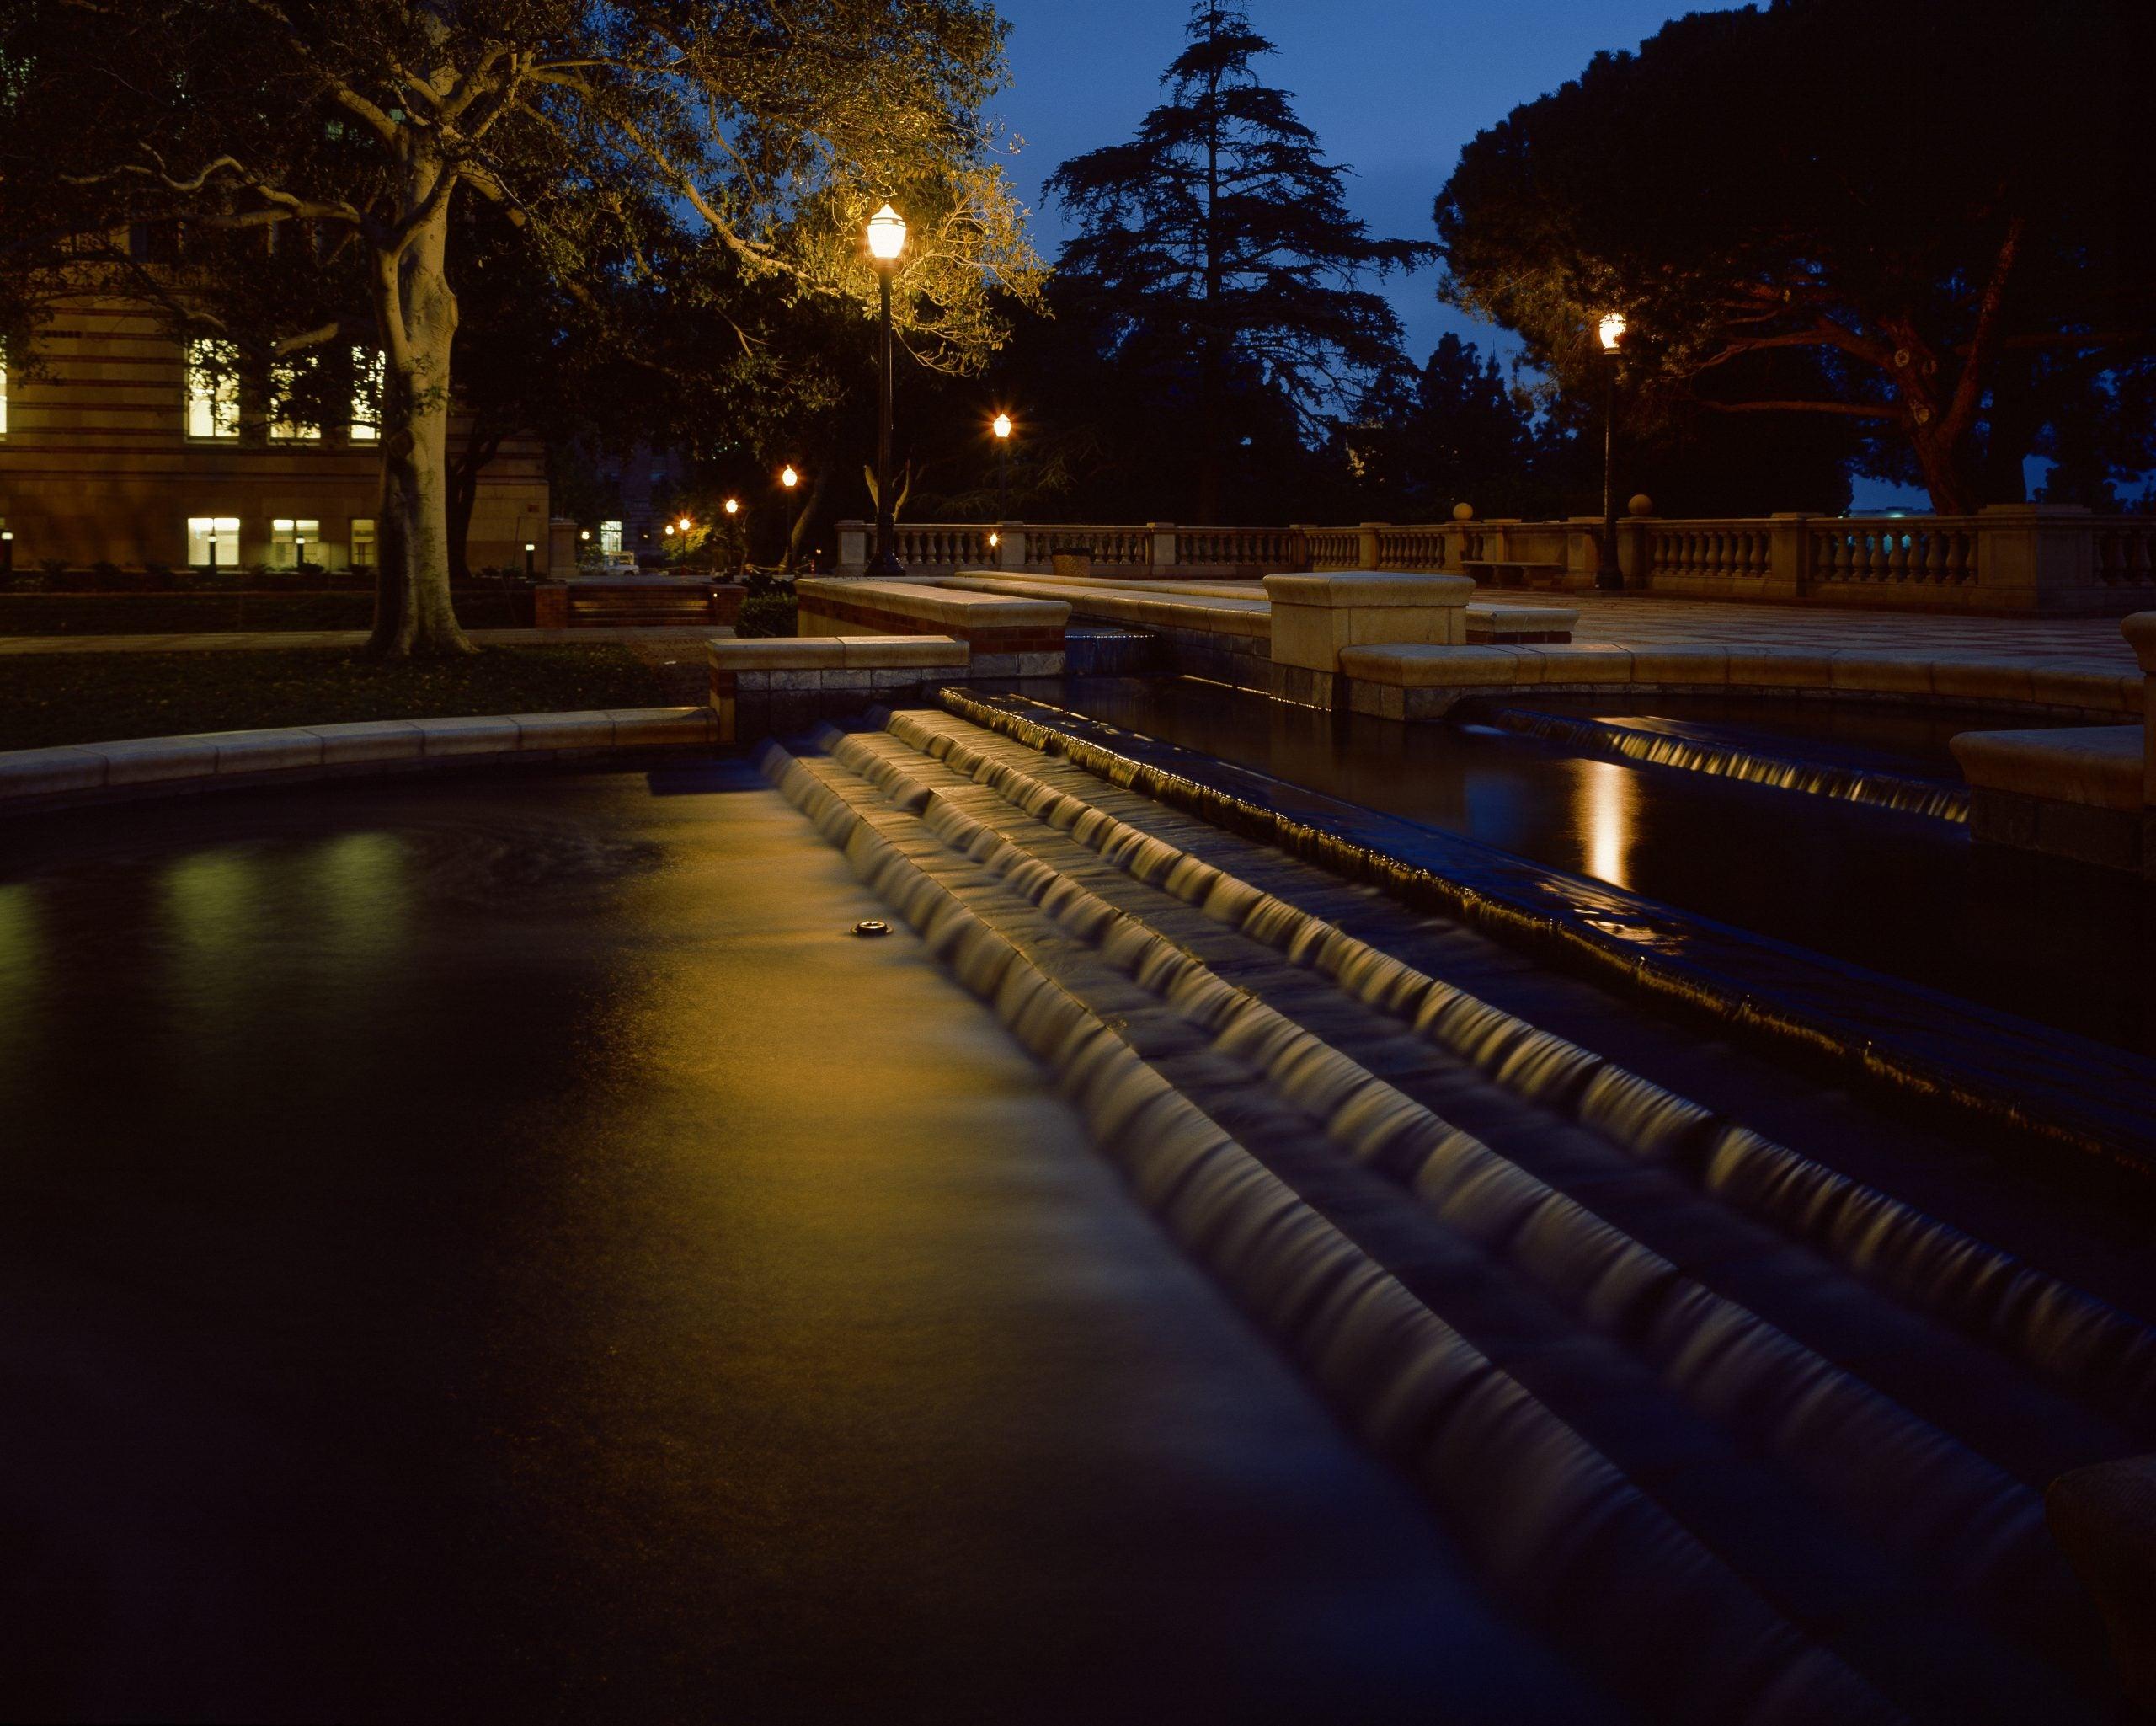 shapiro fountain at night